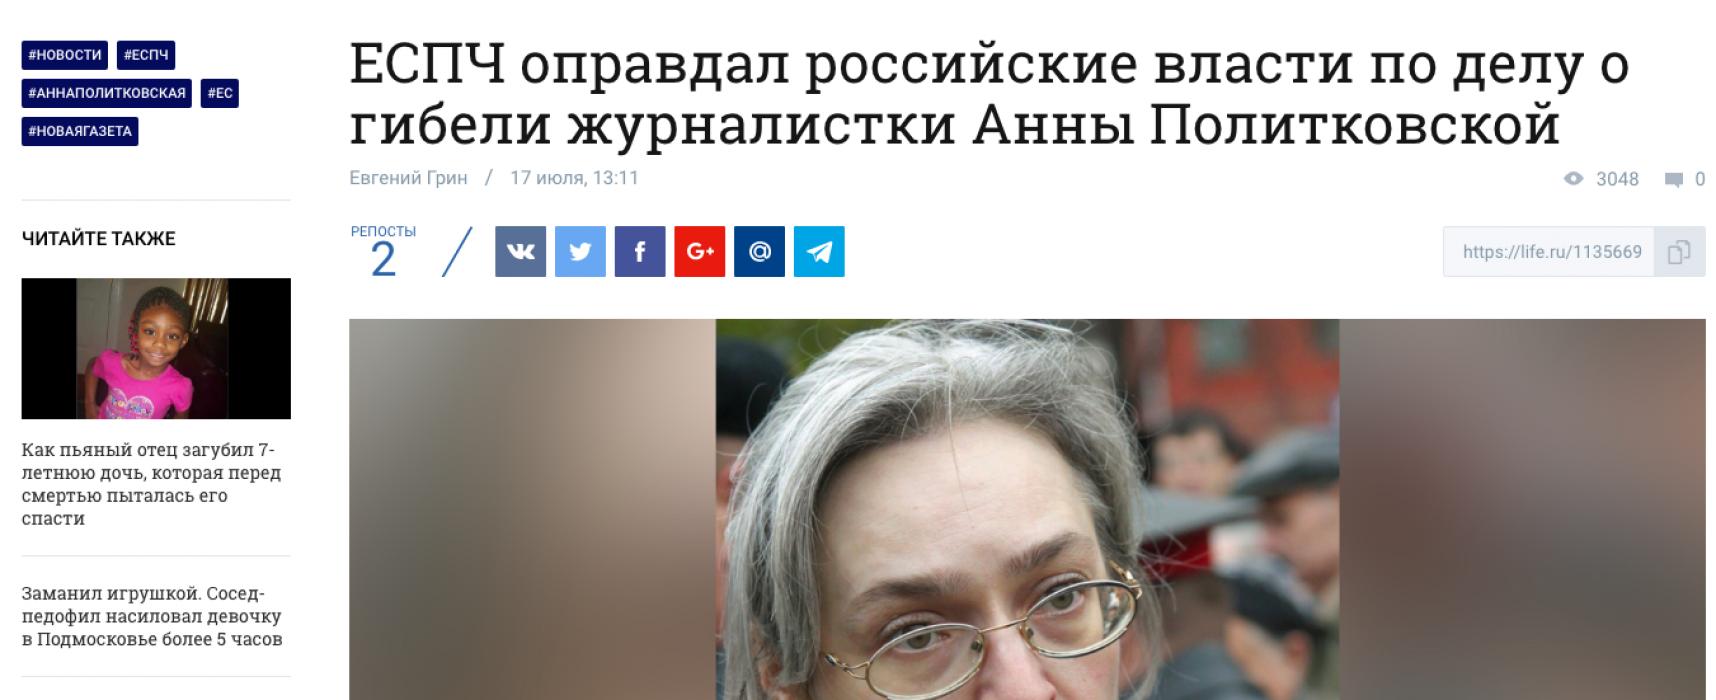 Fake: la Corte europea dei diritti umani afferma che il governo russo non è coinvolto nell'omicidio di Politkovskaya